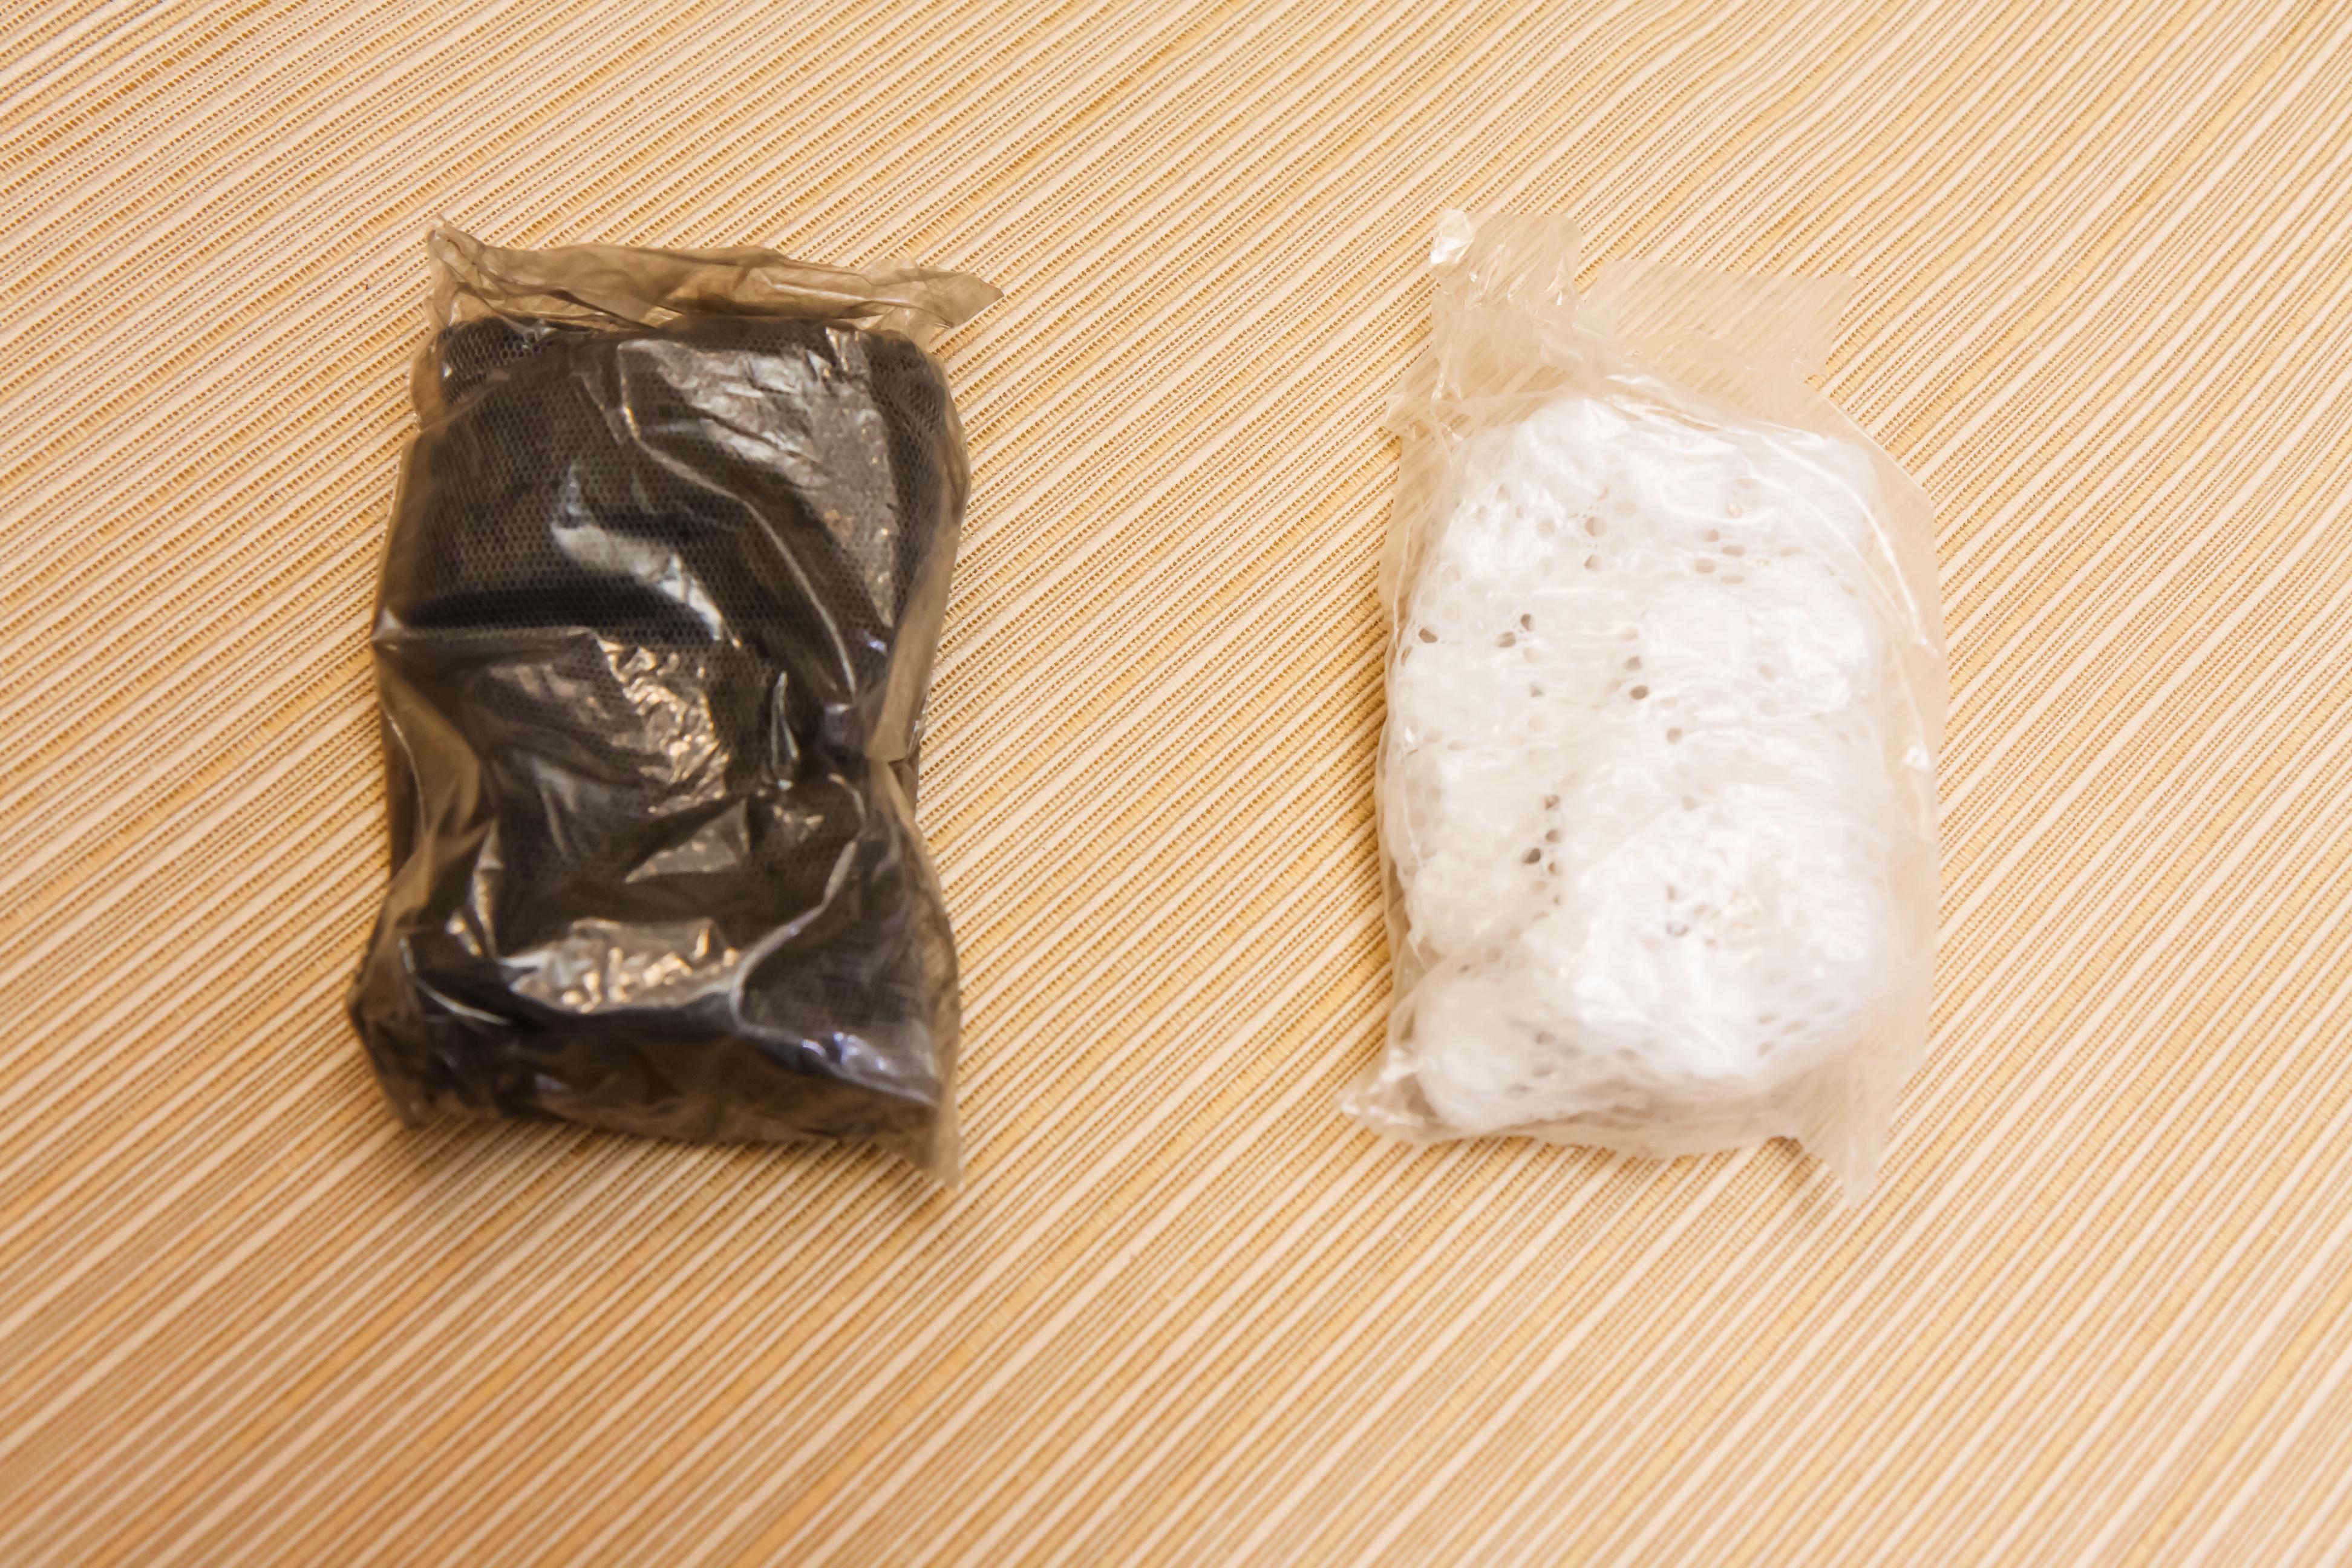 fluval spec carbon filter bag with biomax bag